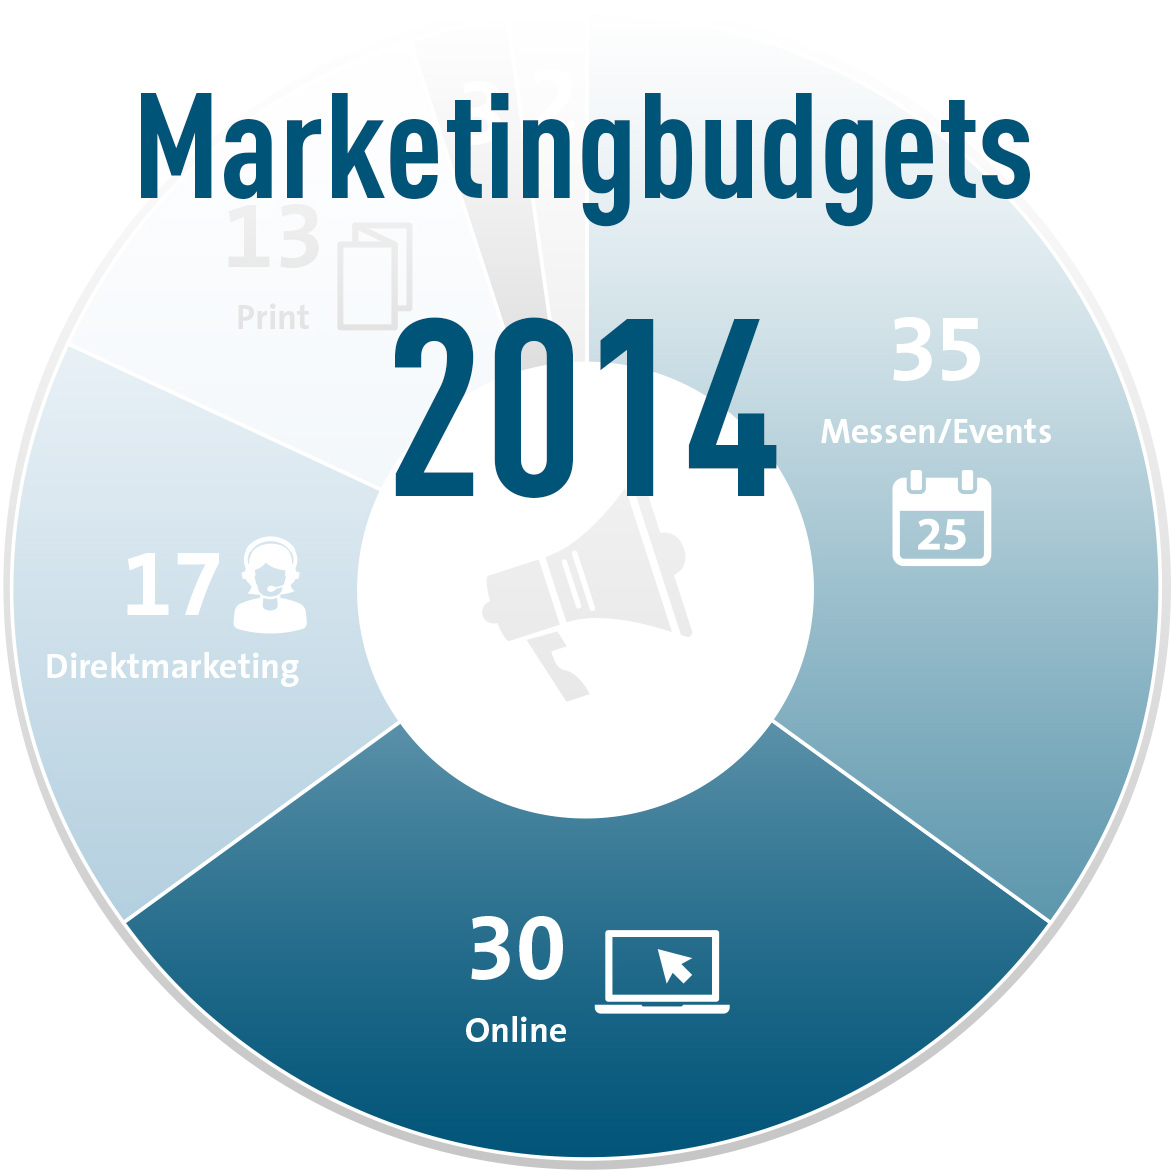 Marketingbudgets Verteilung in 2014